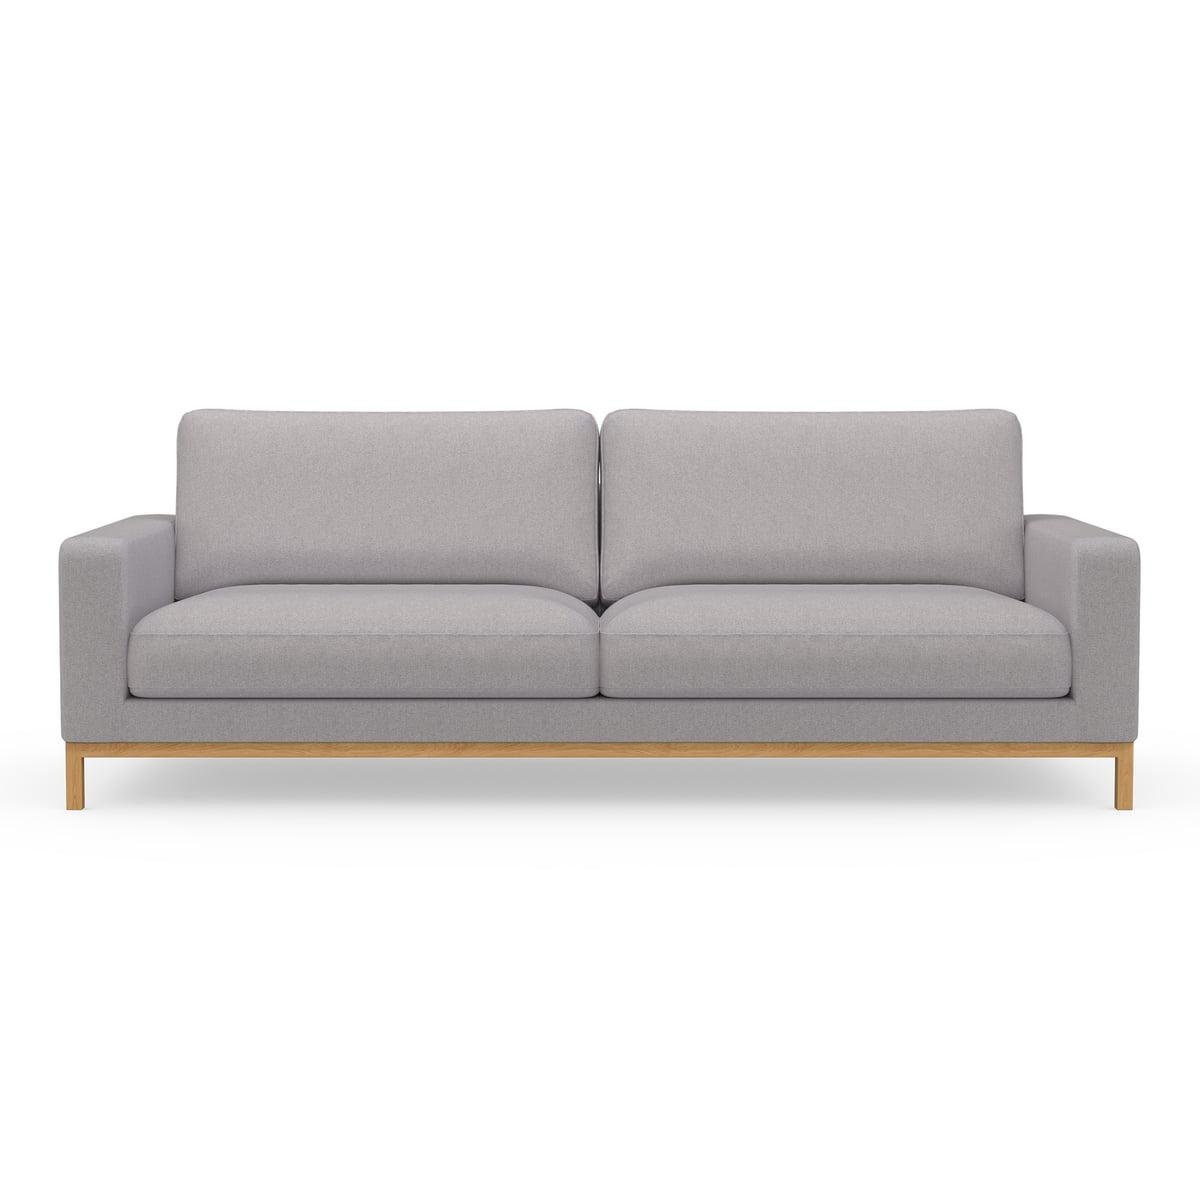 3-Sitzer Sofa Tom von Sit with us online bei Connox